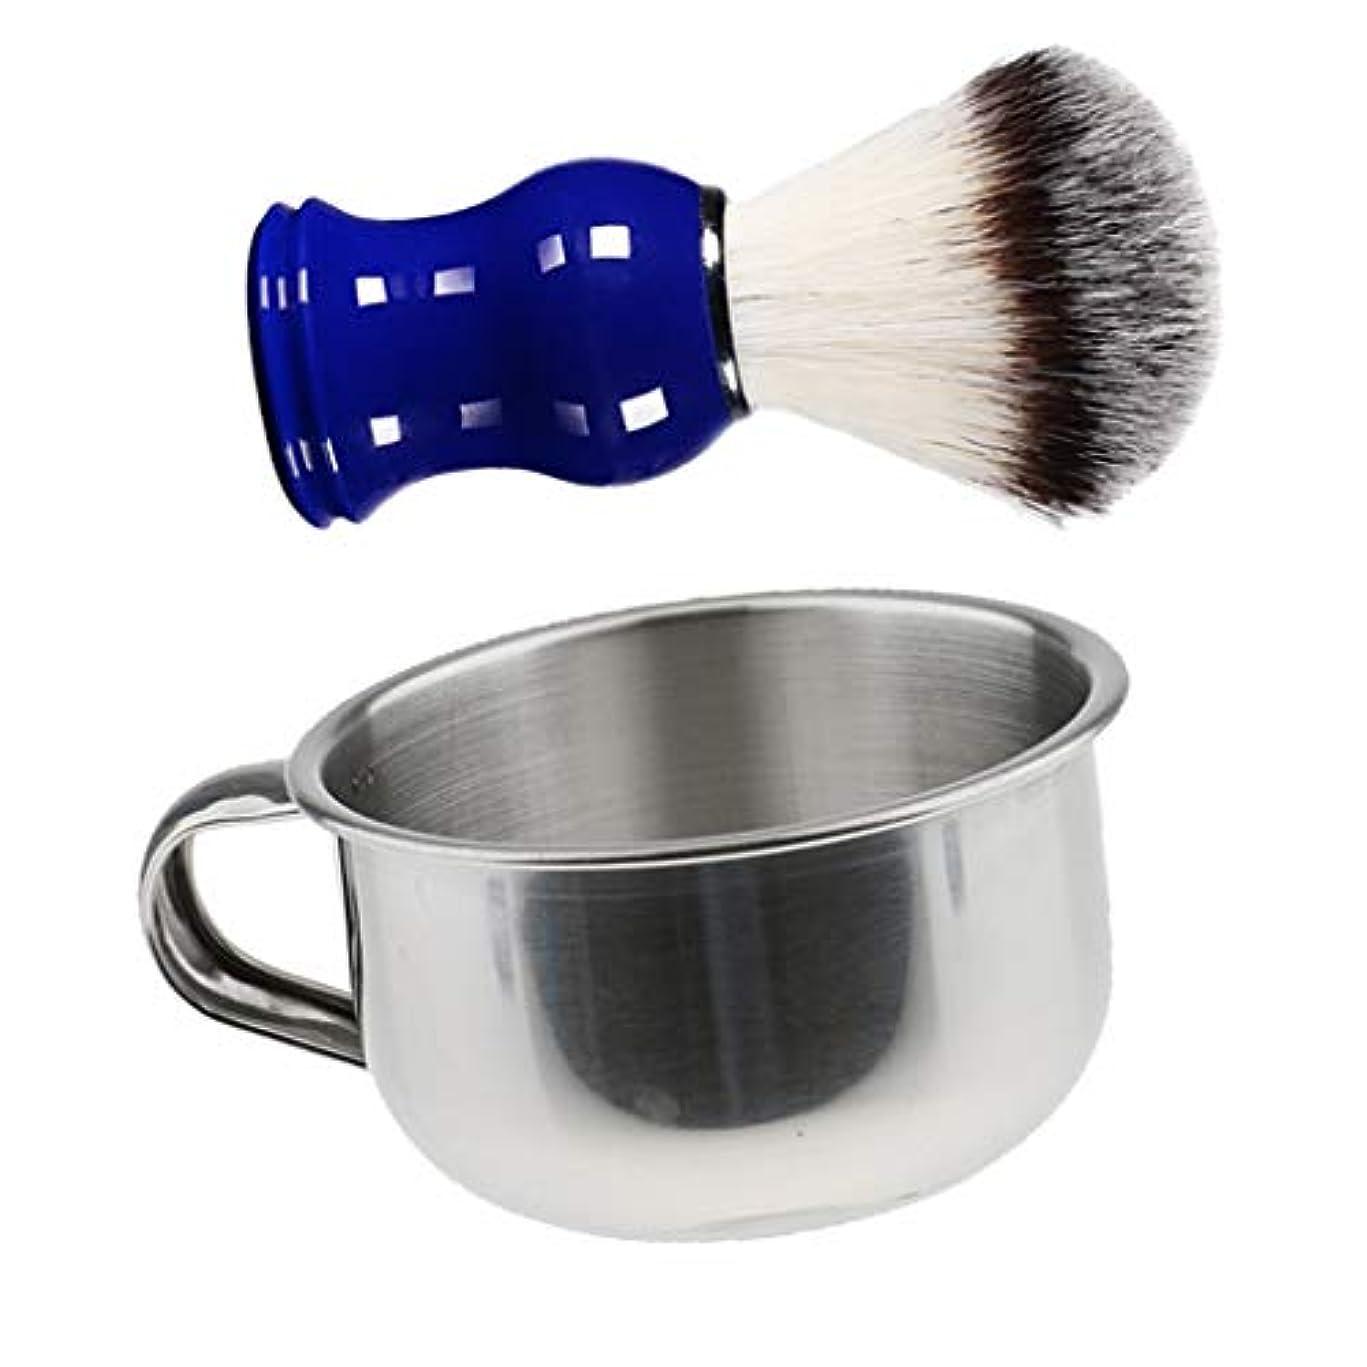 作動する分離する虚弱シェービングブラシセット ステンレス製シェービングボウル メンズ 理容 洗顔 髭剃り 泡立ち 実用的